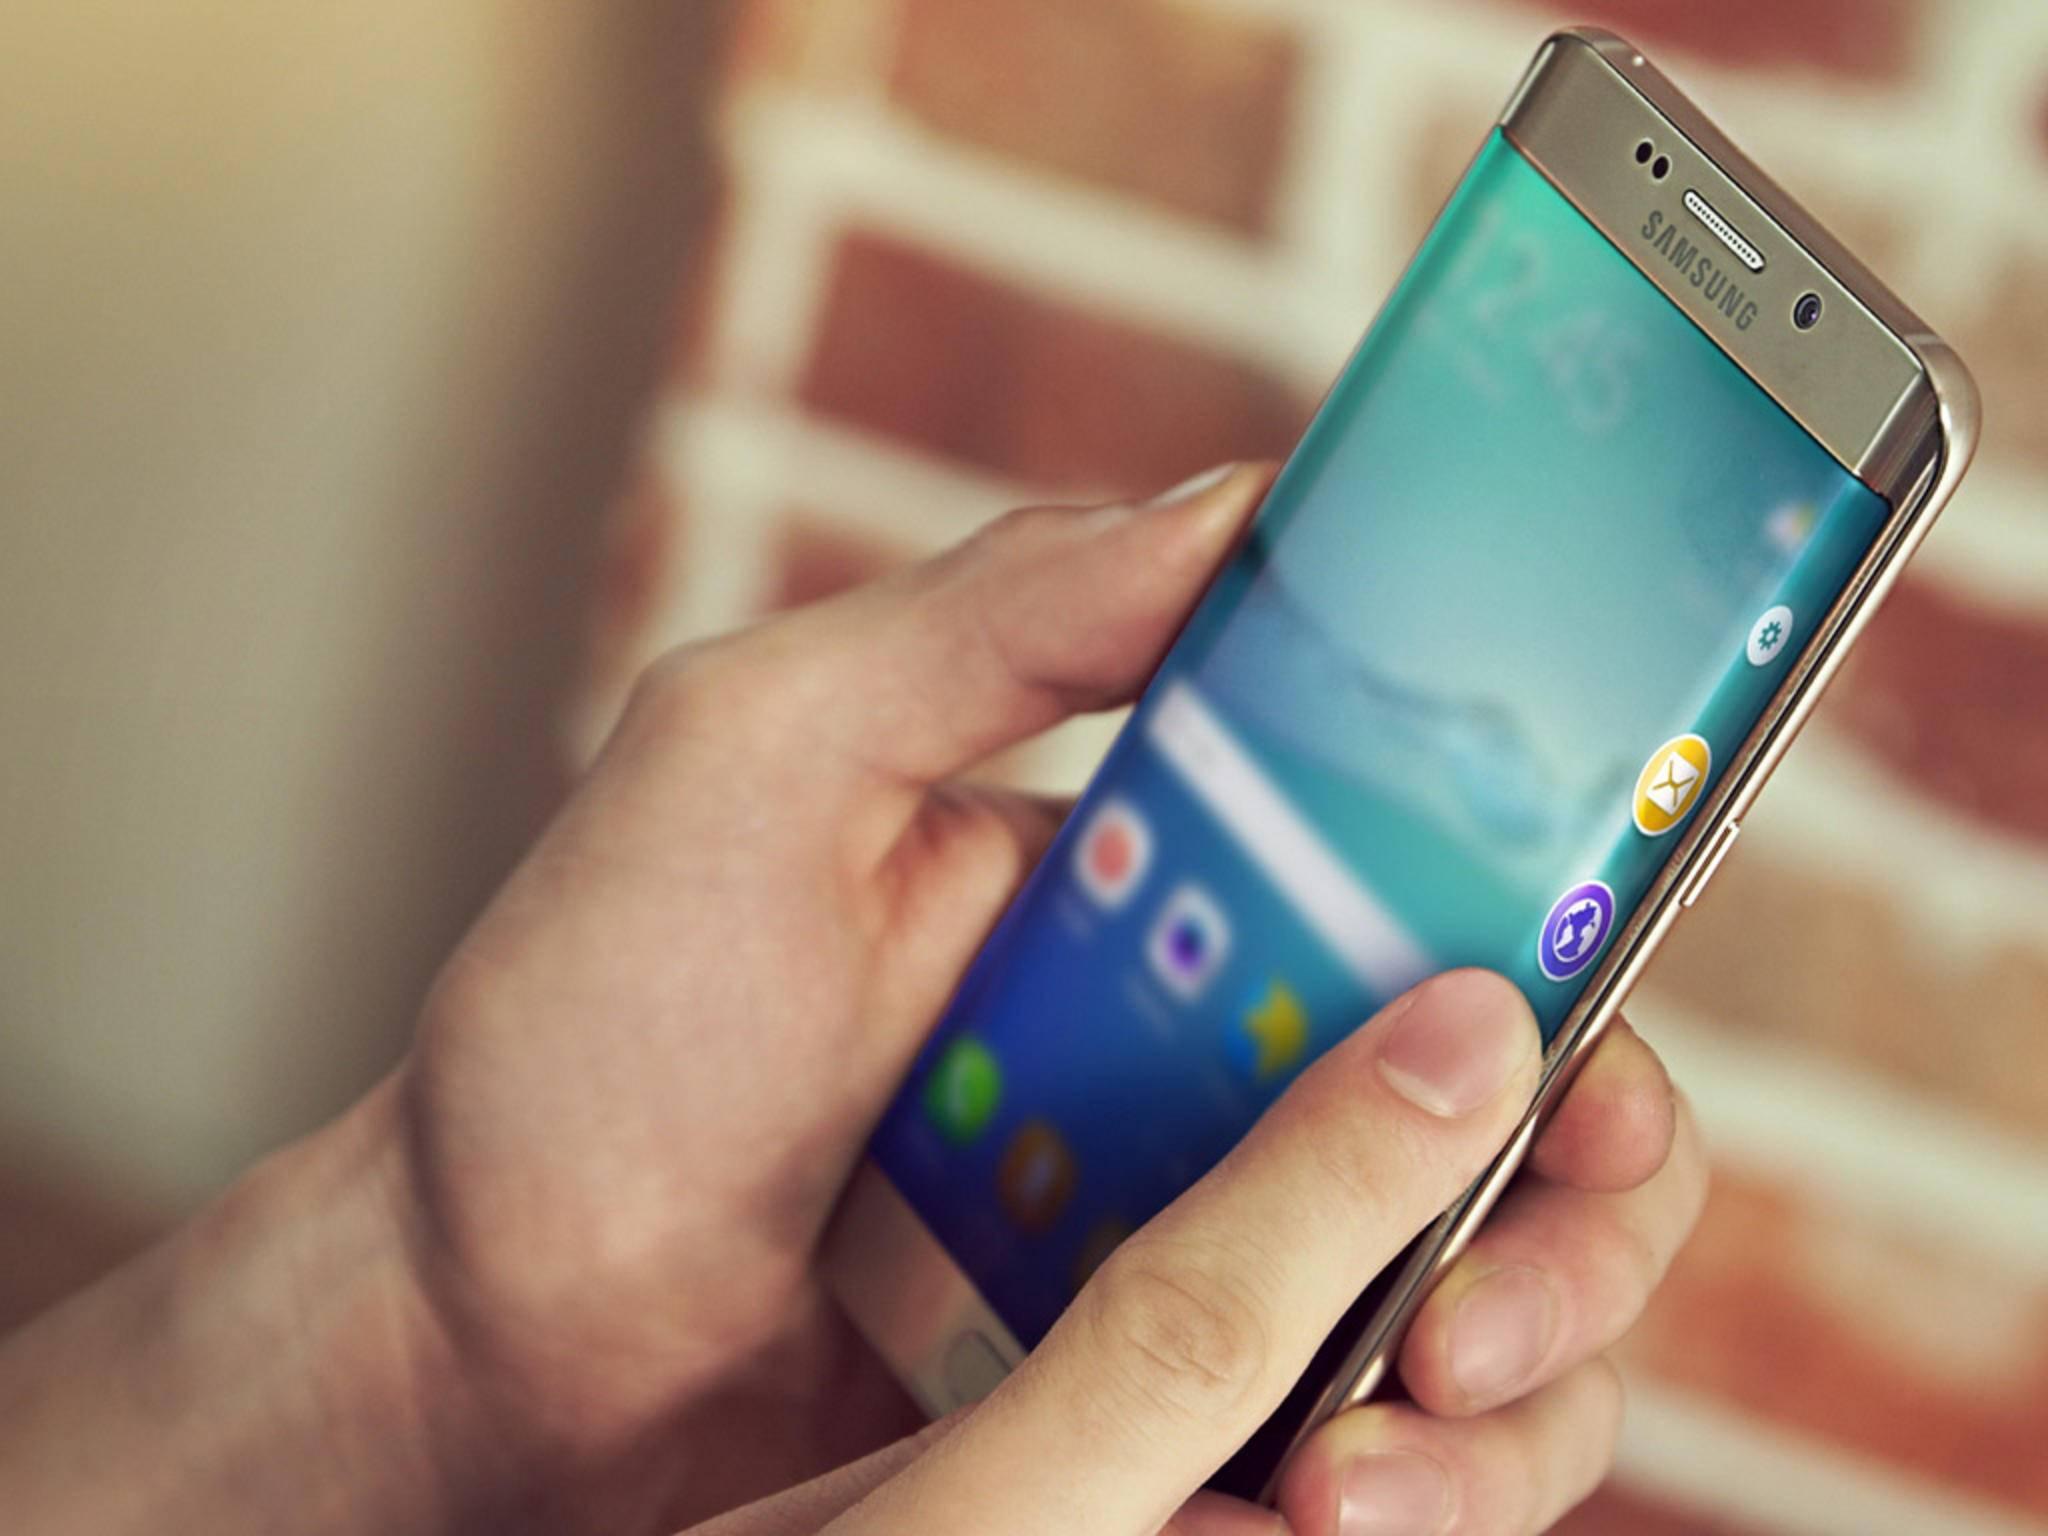 Android 6.0.1 verspricht viele neue Funktionen für das Galaxy S6 Edge.